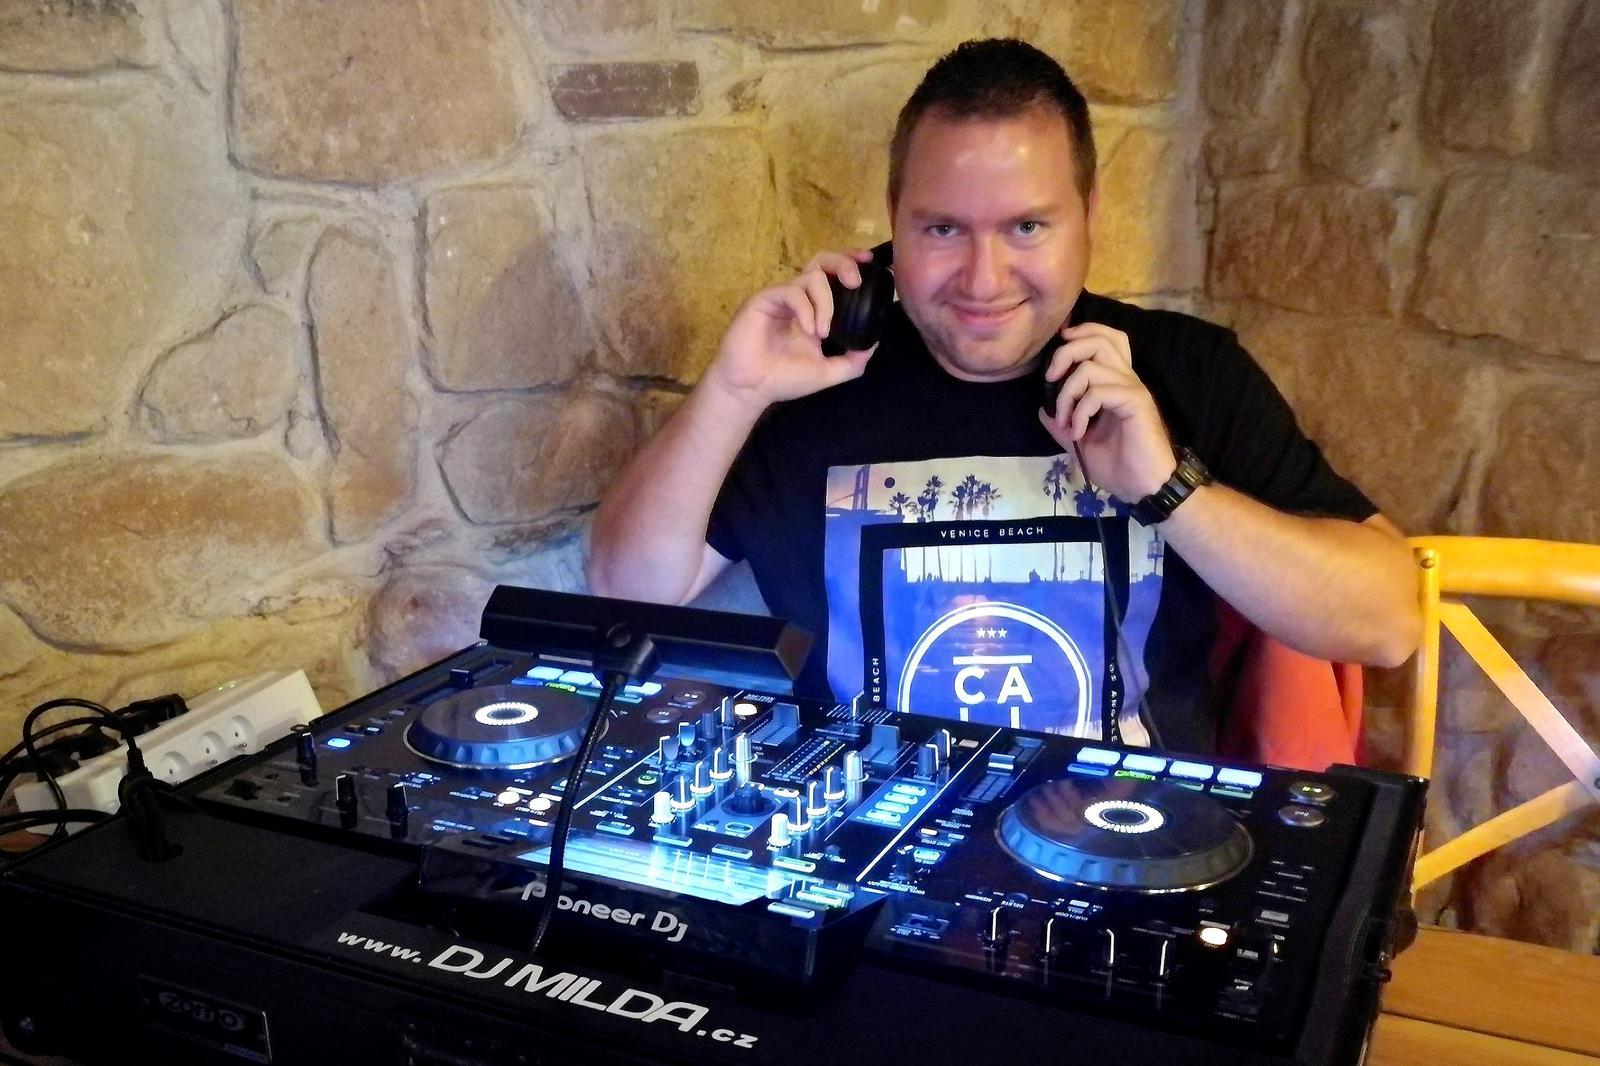 Svatební & párty DJ a moderátor - Obrázek č. 1